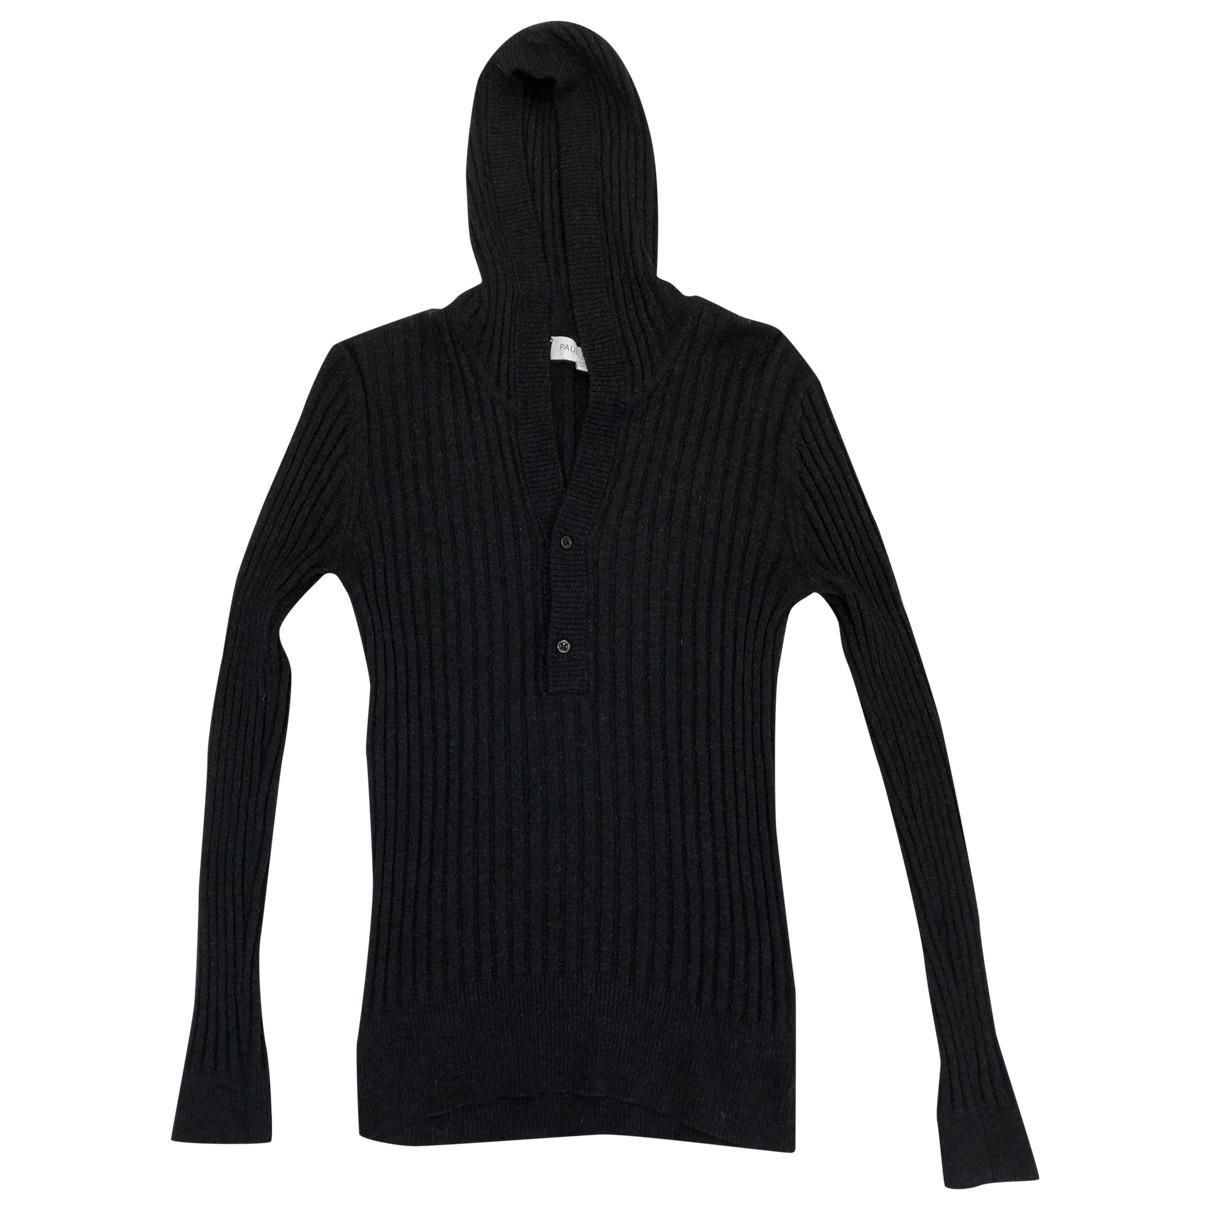 Paul & Joe \N Pullover.Westen.Sweatshirts  in  Grau Wolle